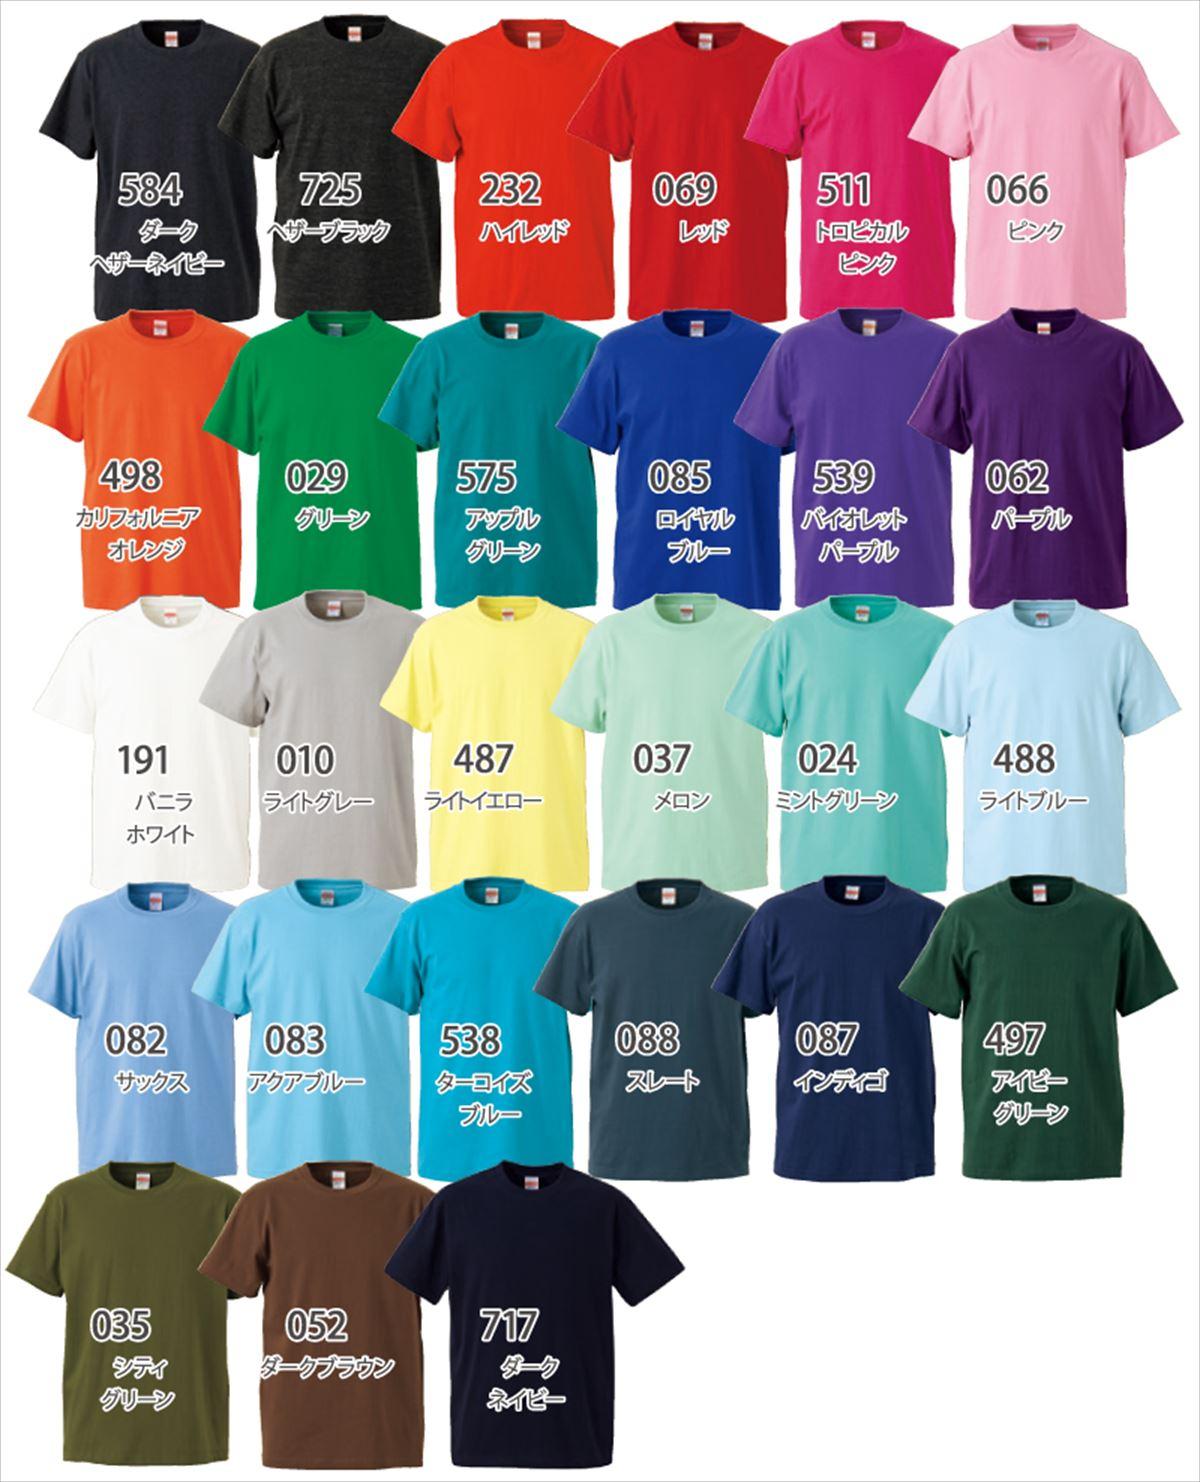 カレントブルーオリジナルTシャツ (4)